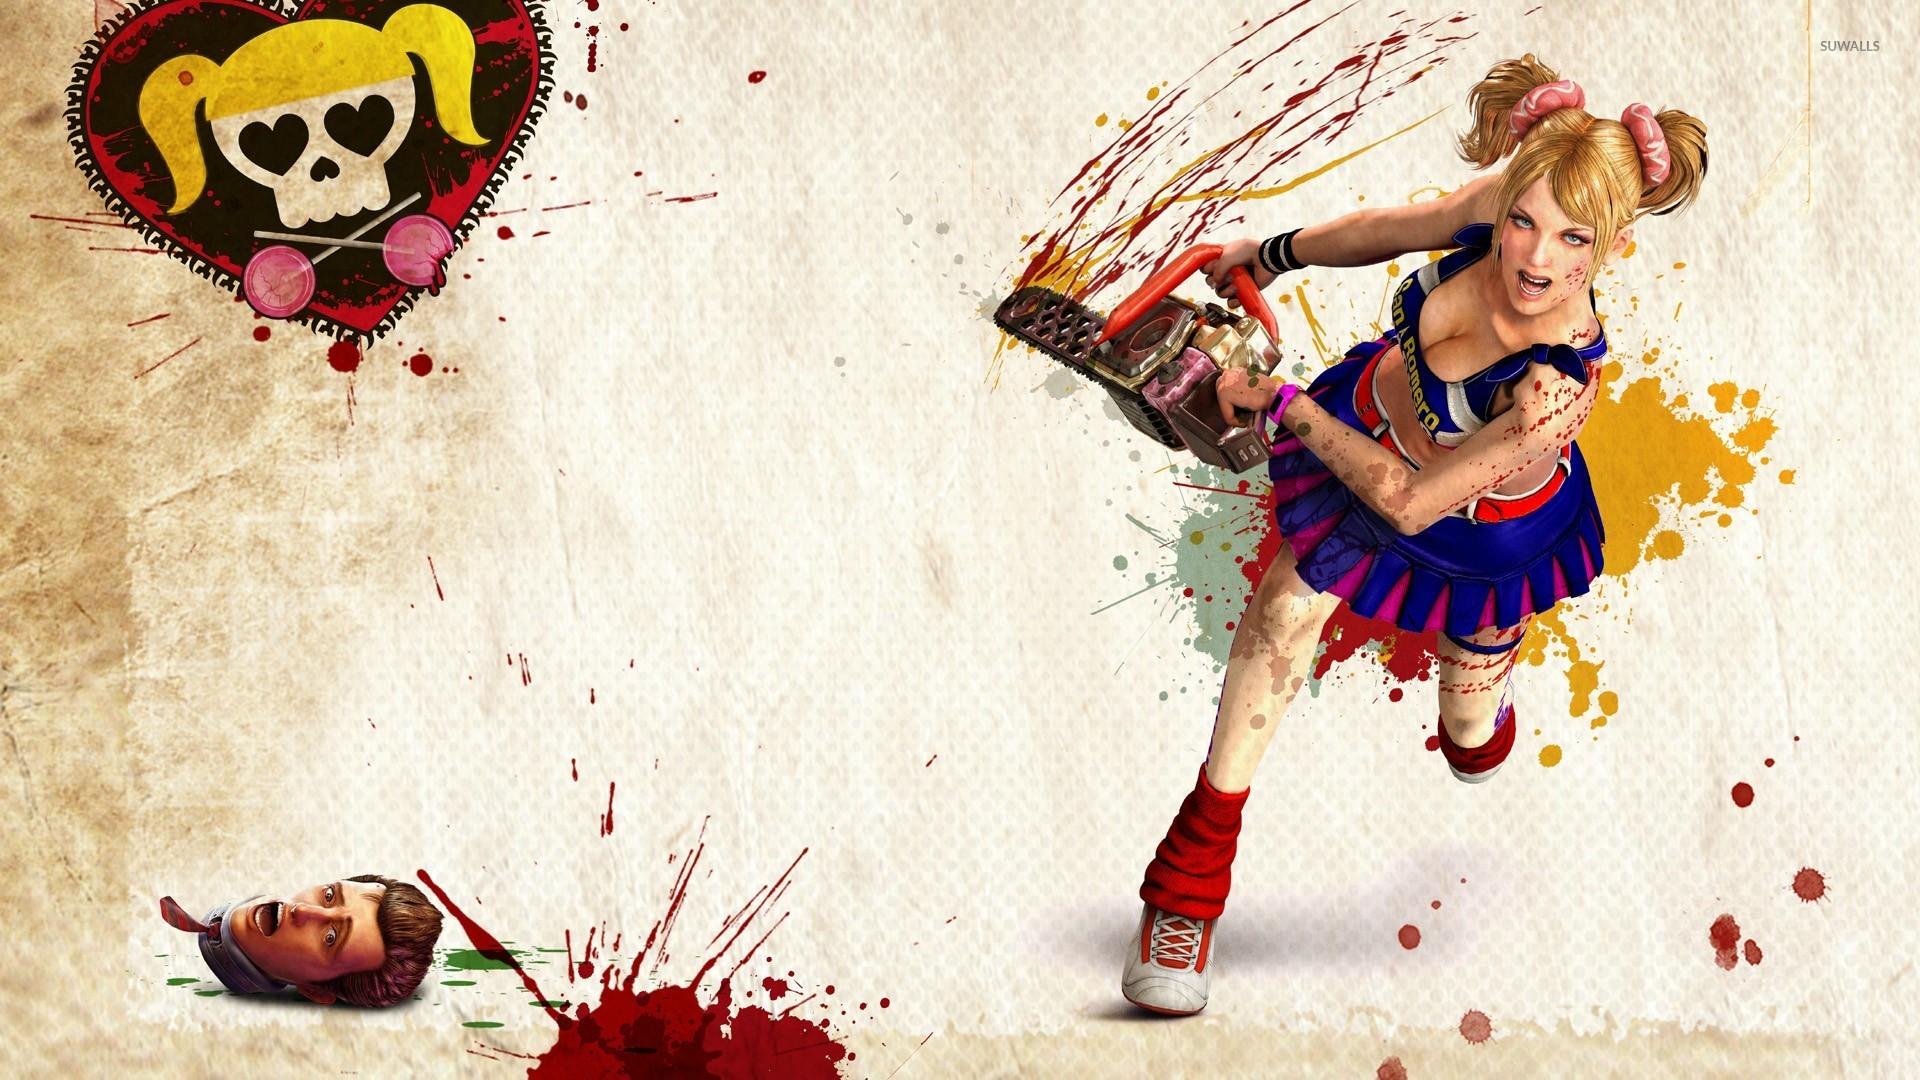 Juliet   Lollipop Chainsaw wallpaper   Game wallpapers   24758 1920x1080